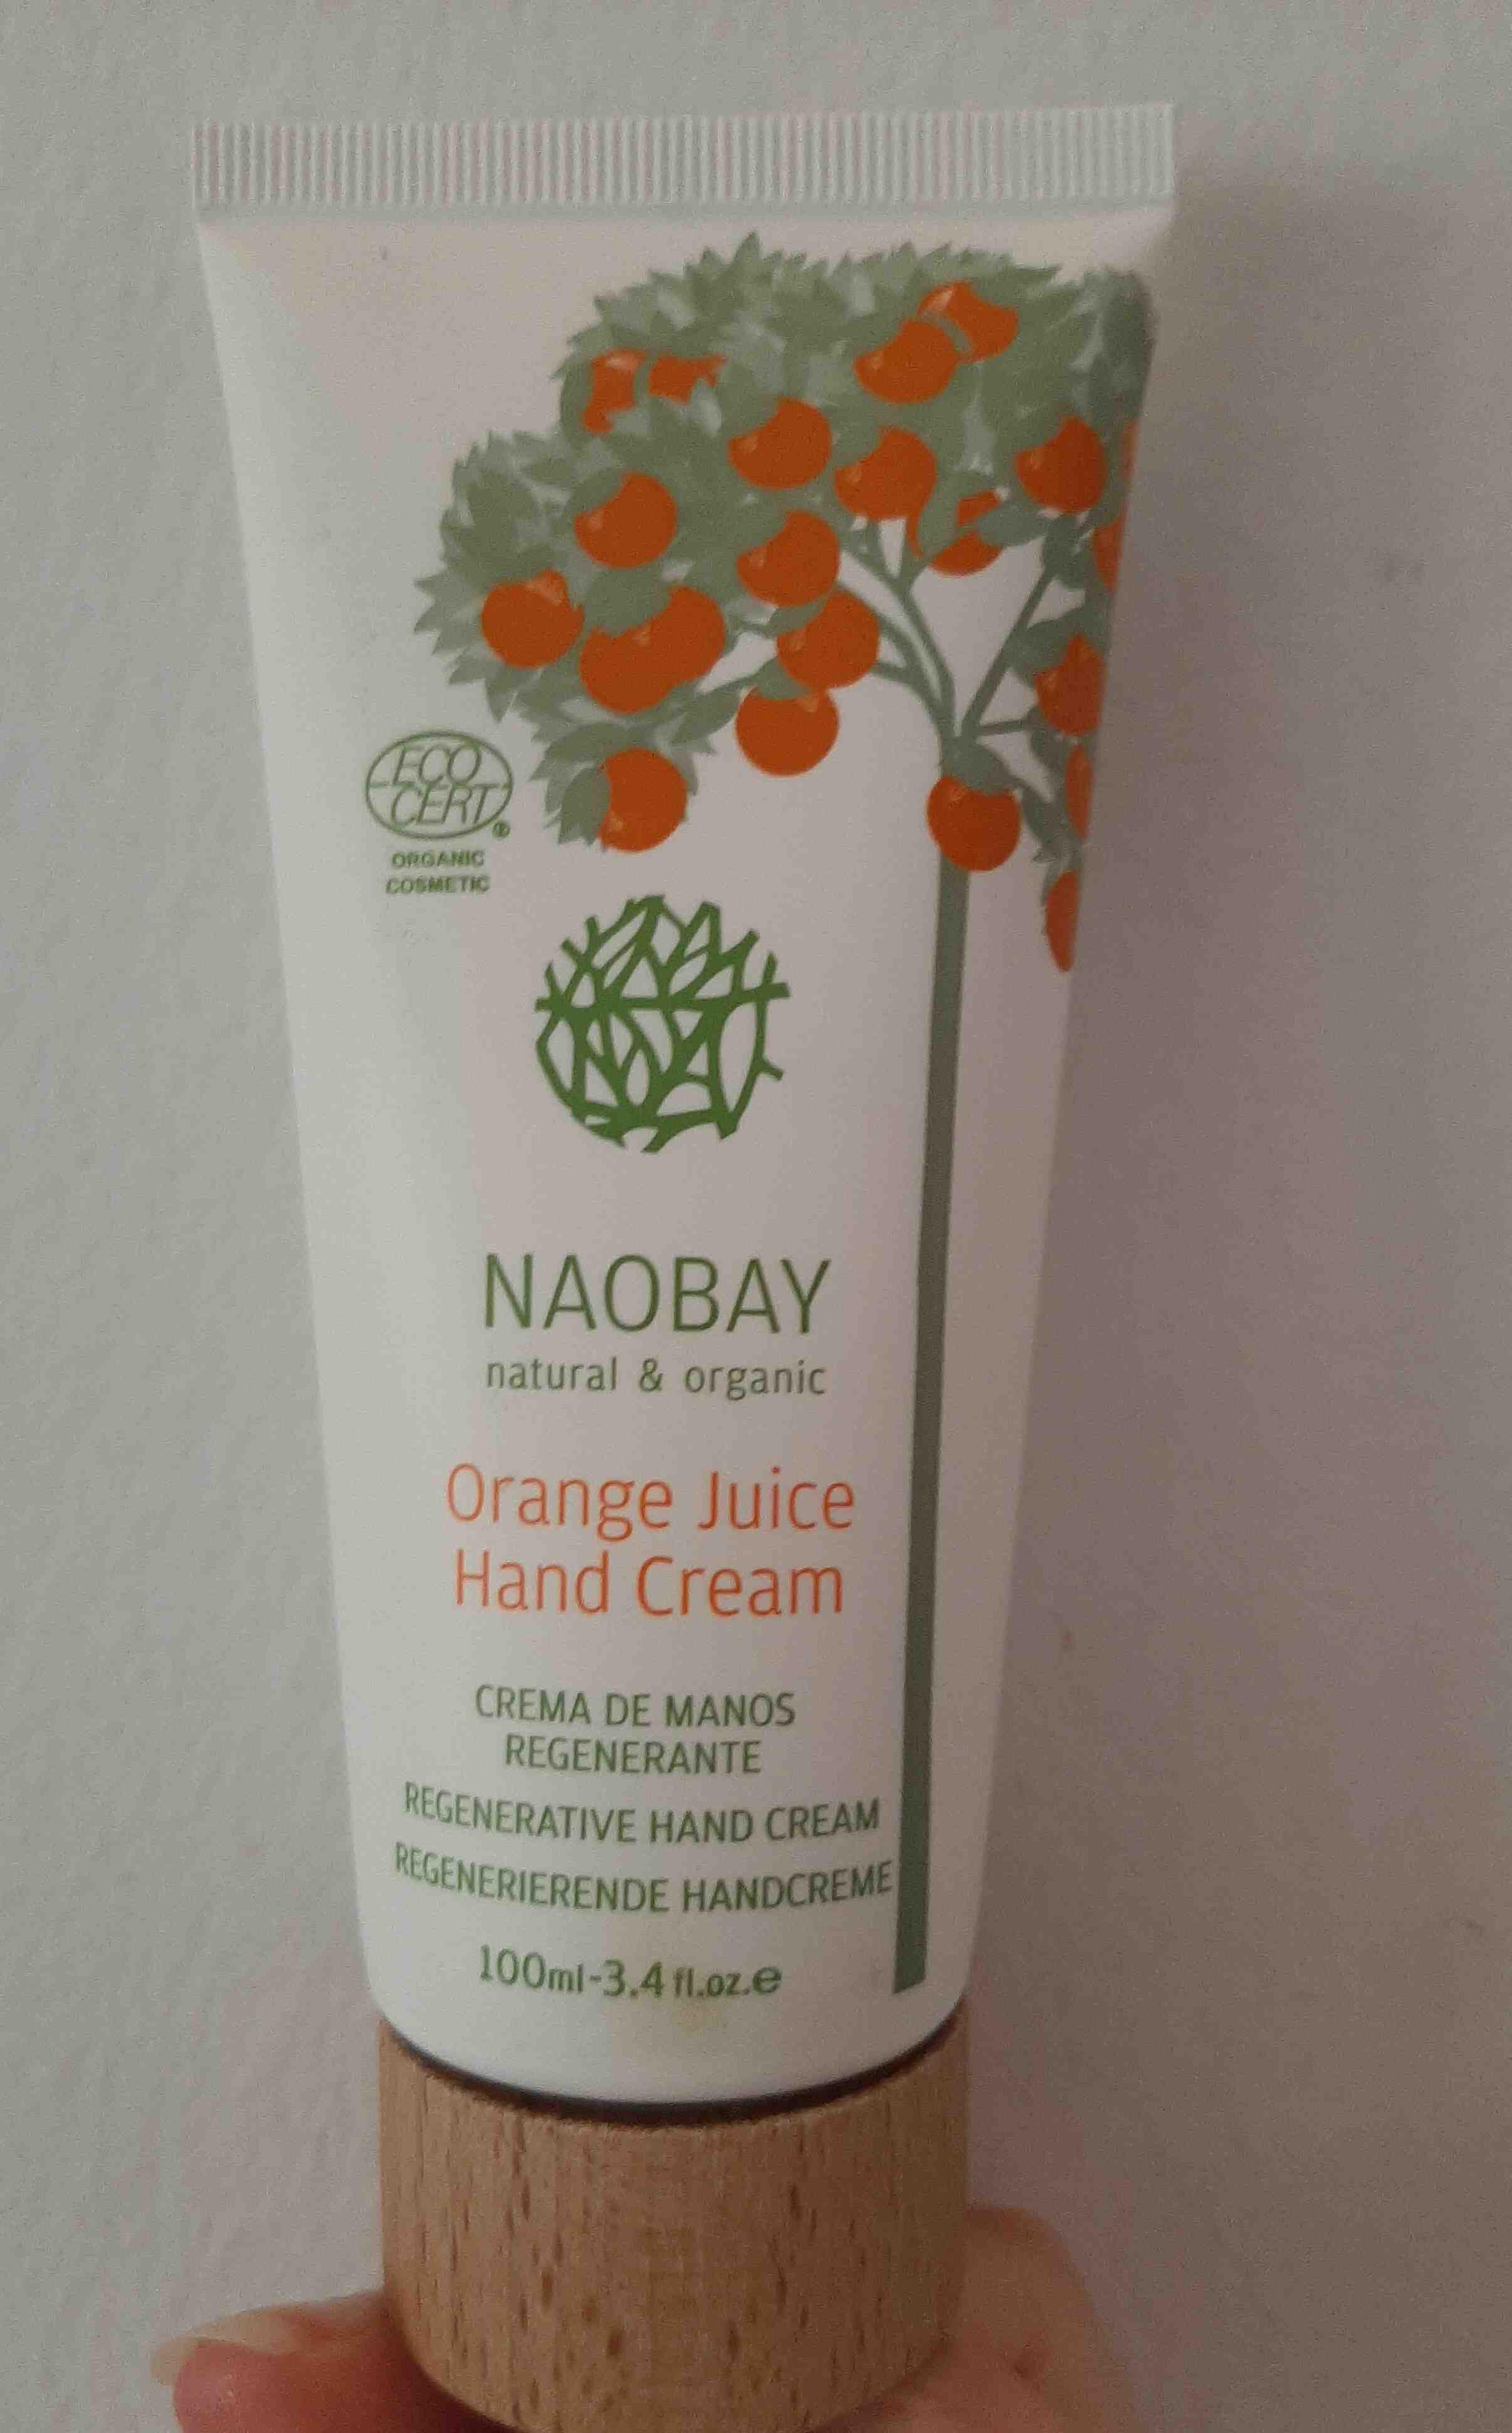 Crema de manos regenerante orange juice. Naobay - Product - en